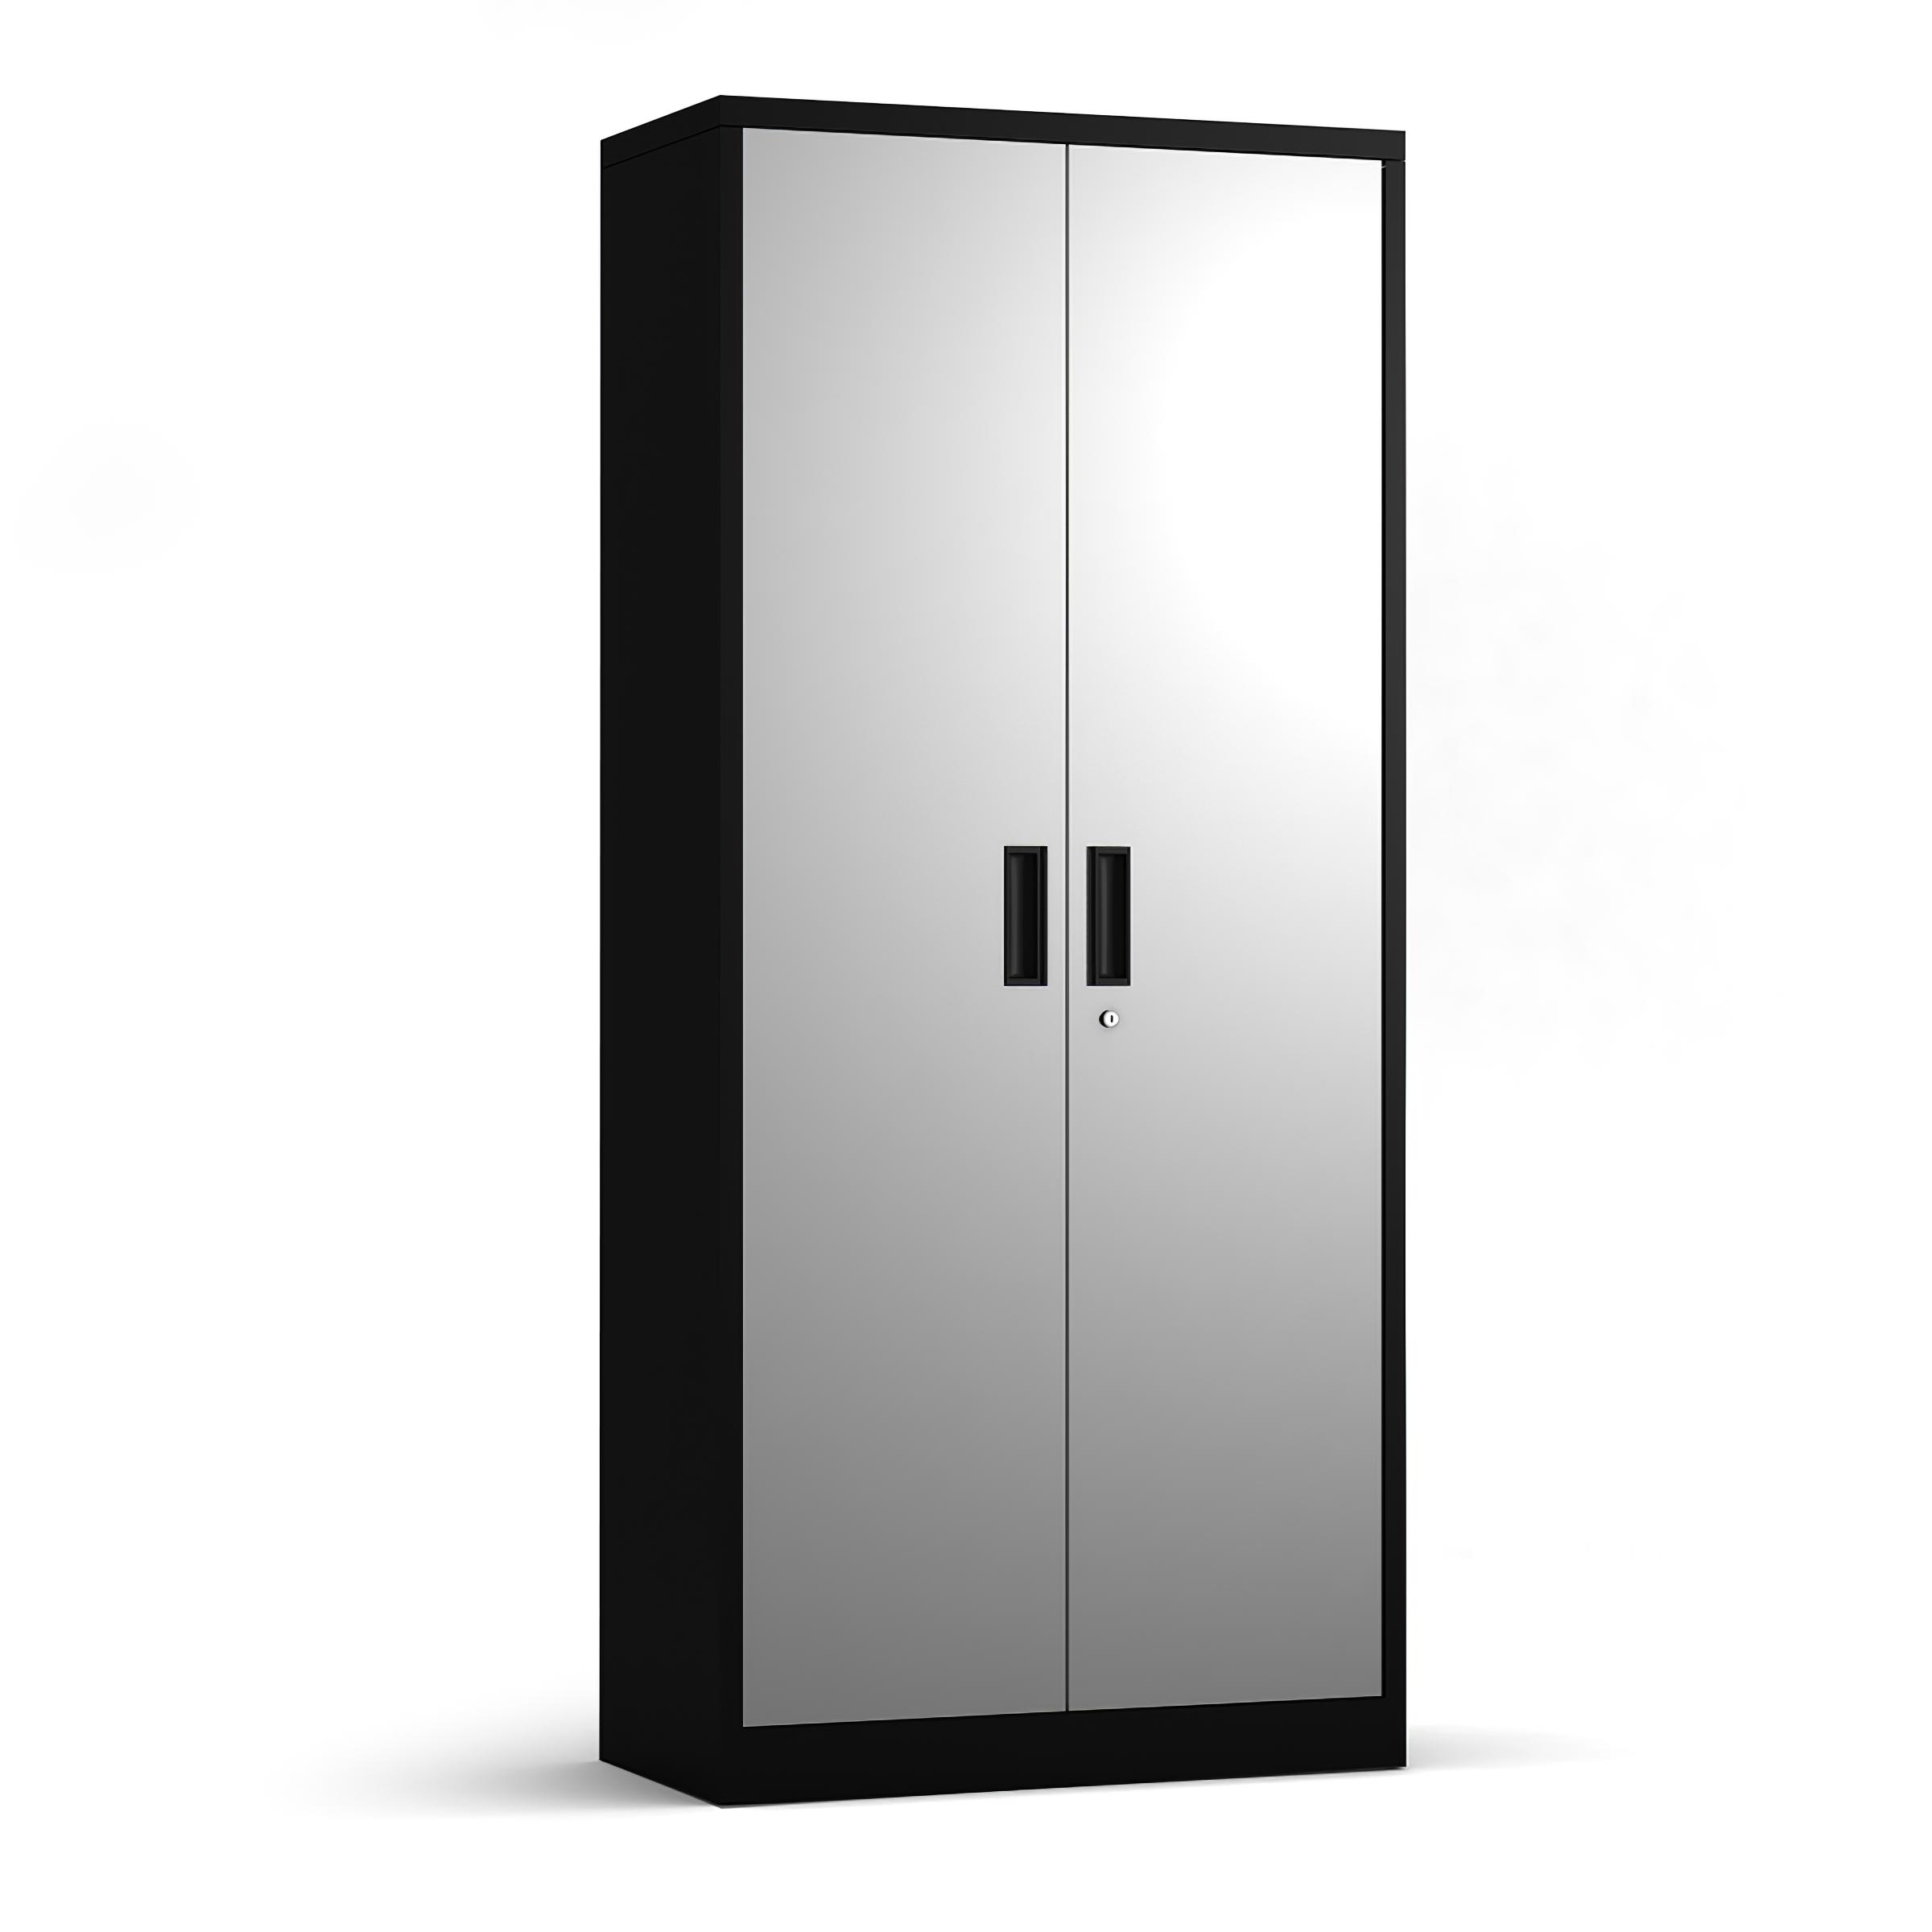 钢制储物柜5层金属储物柜,带4个可调式搁板和可锁门黑色